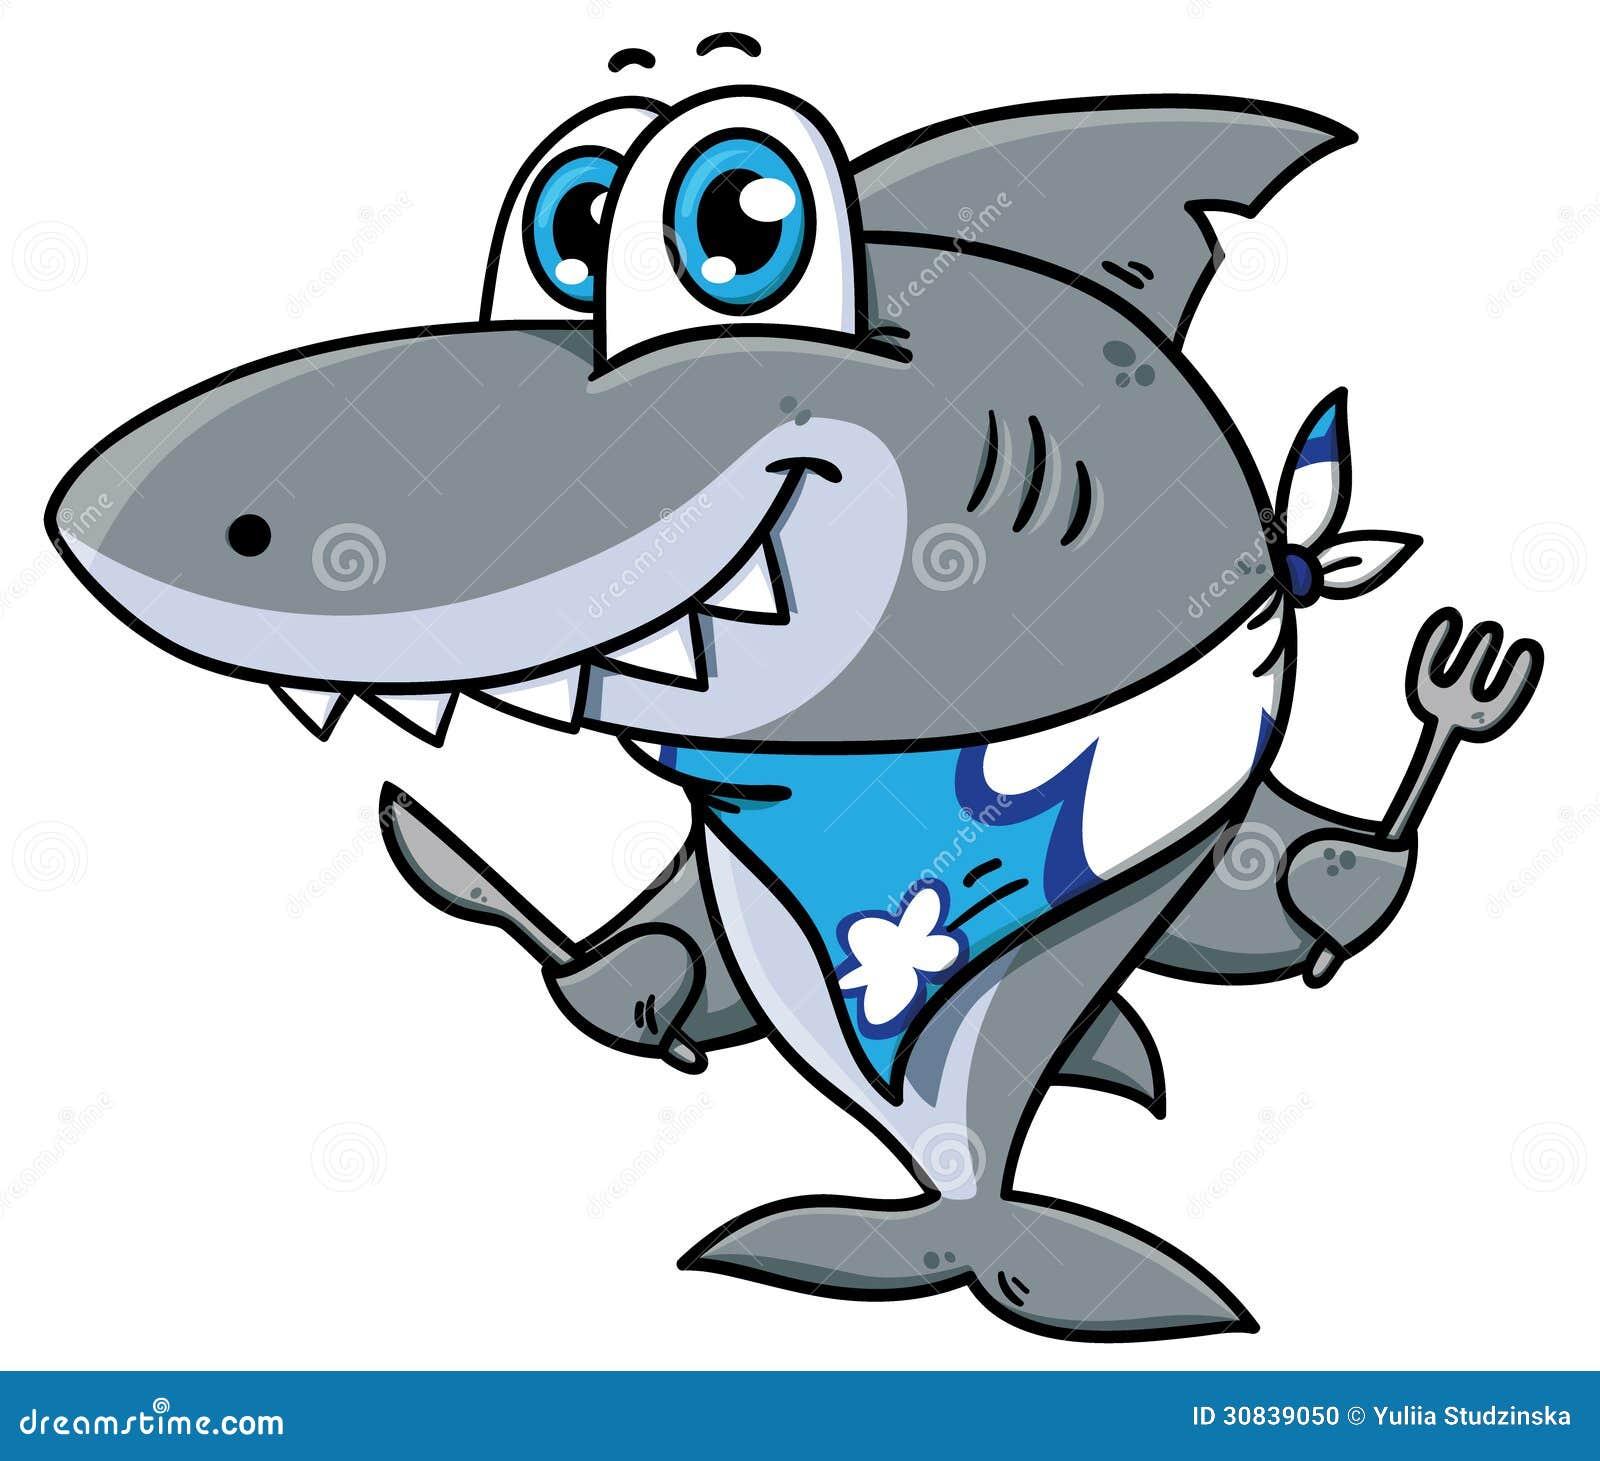 Cute cartoon shark stock photo image 30839050